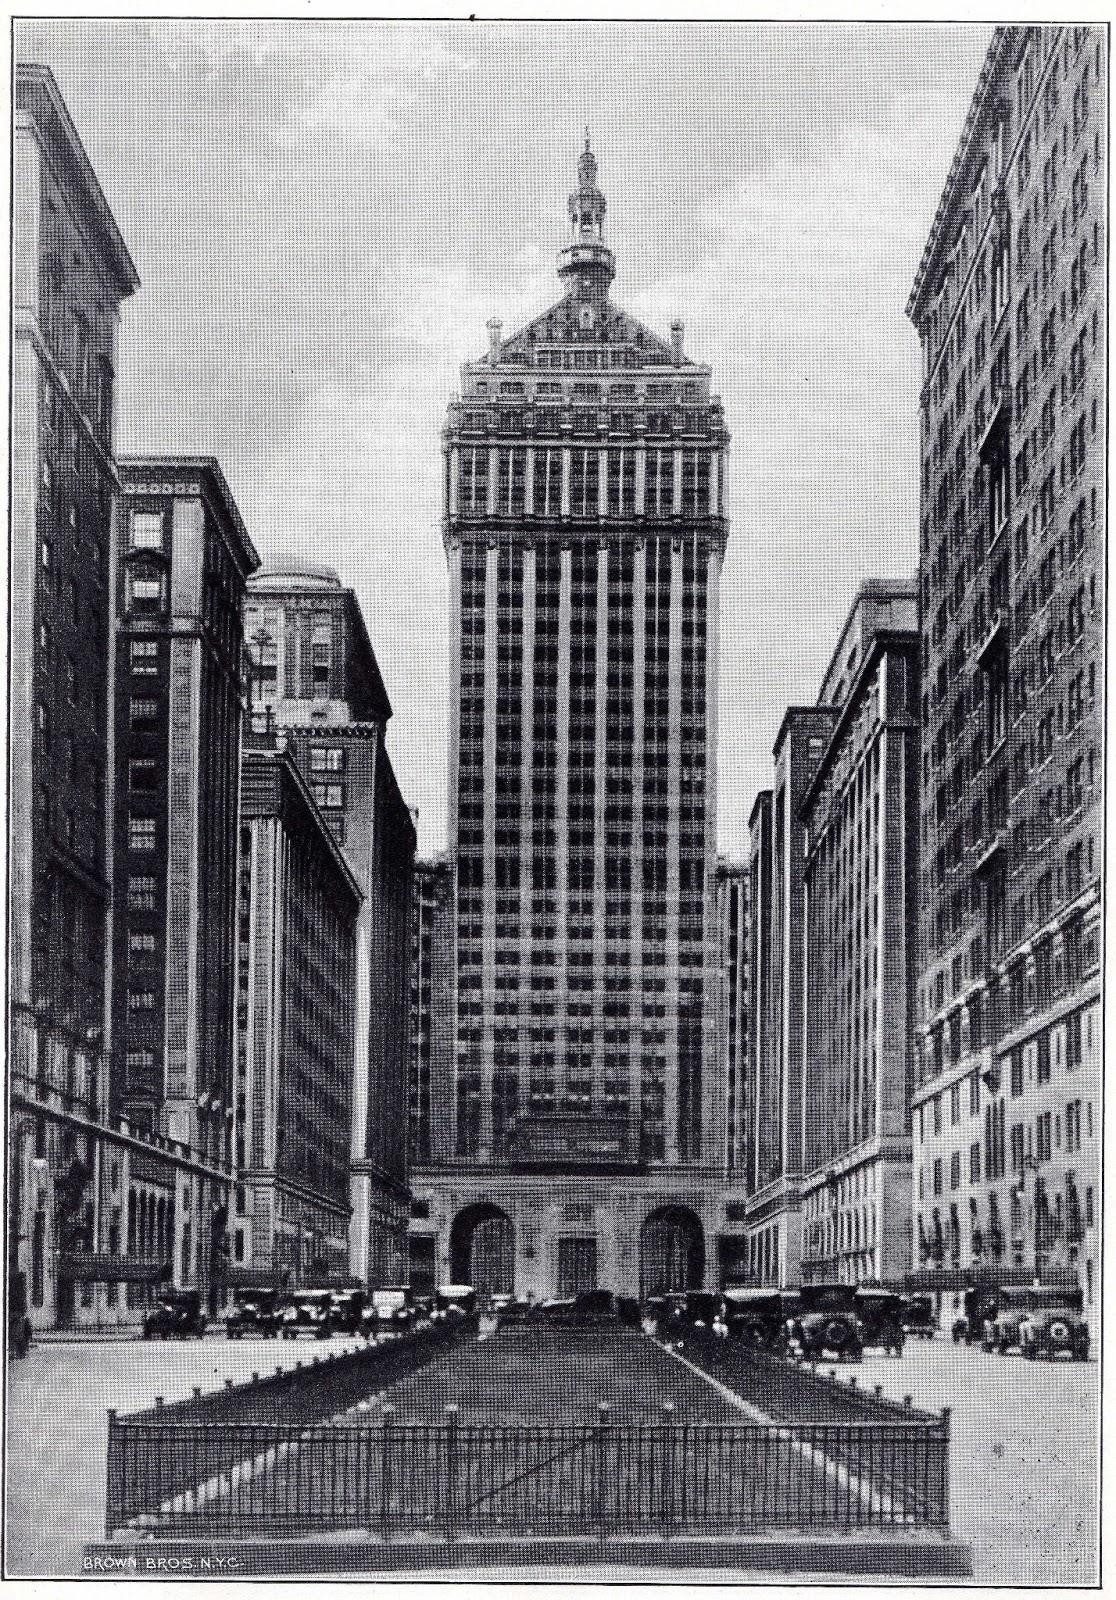 Historia de los rascacielos de nueva york manhattan en for B b new york centro